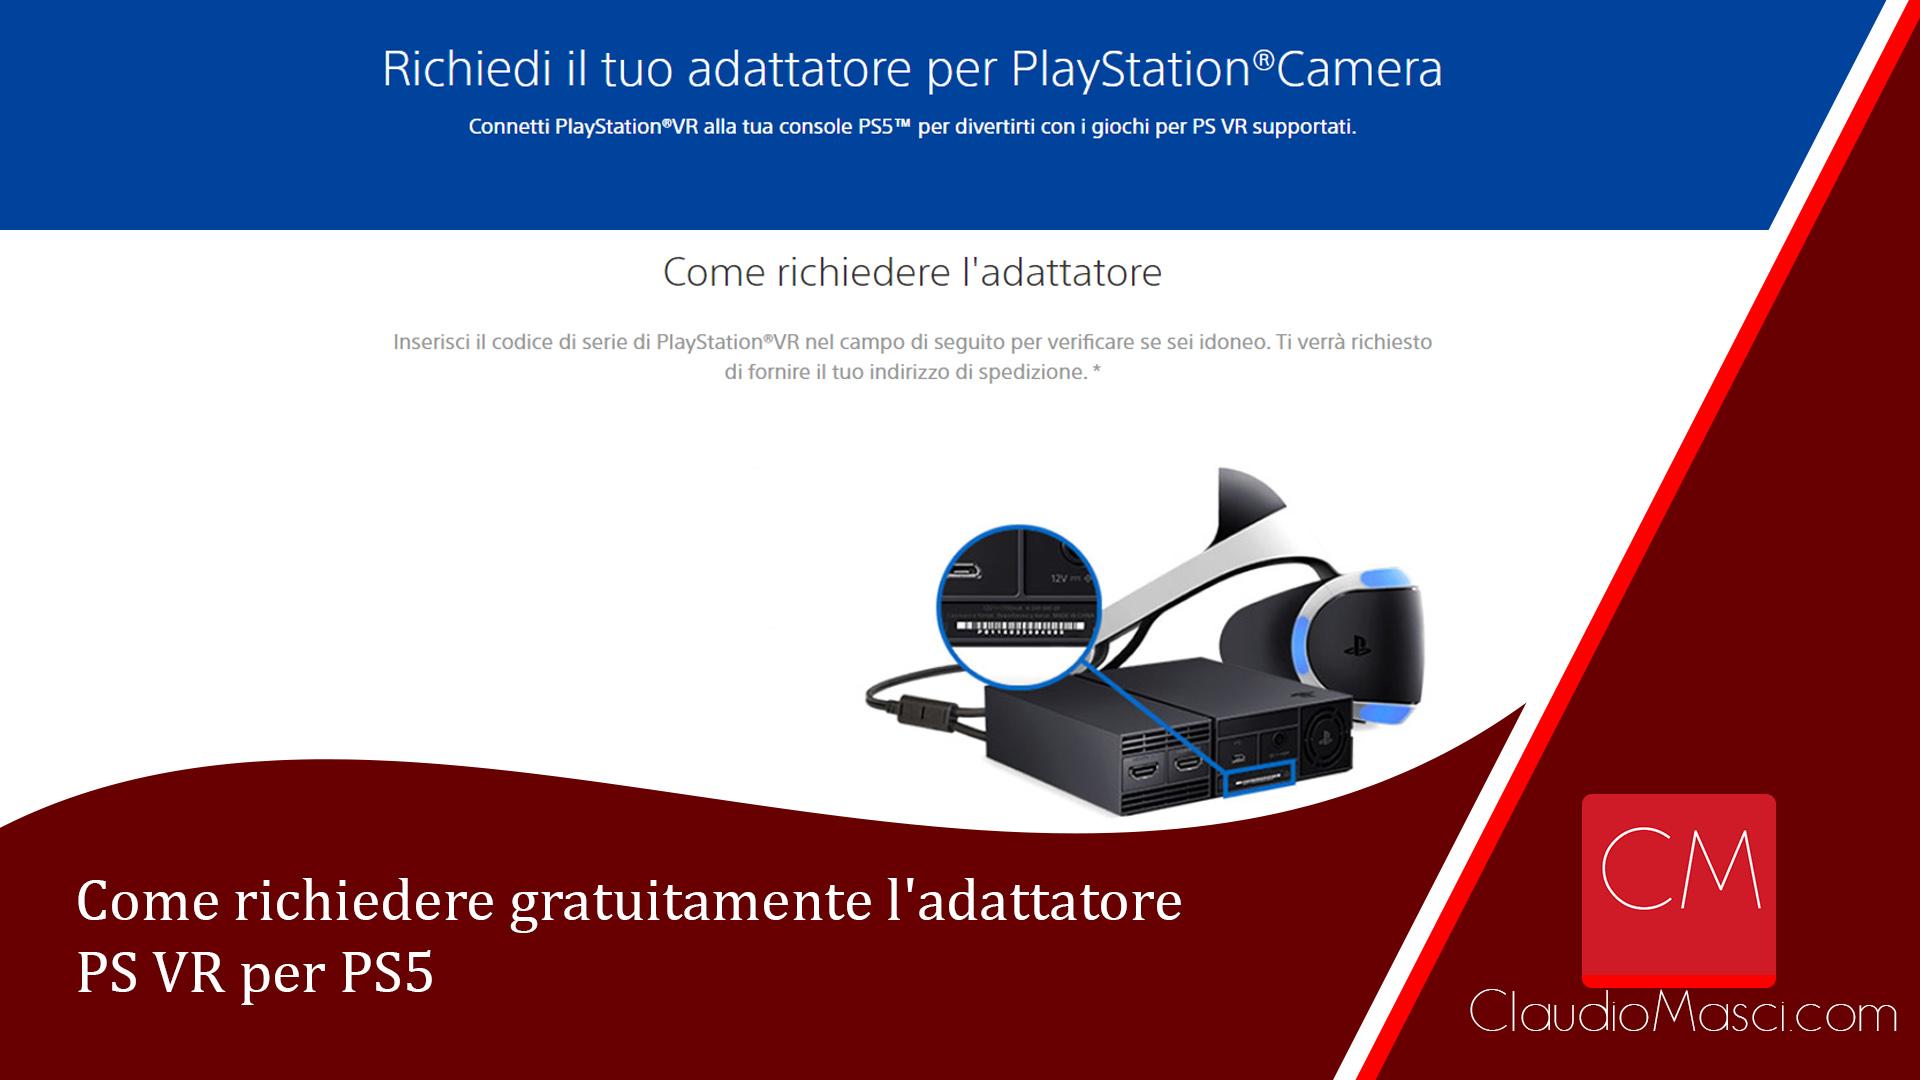 Come richiedere gratuitamente l'adattatore PS VR per PS5